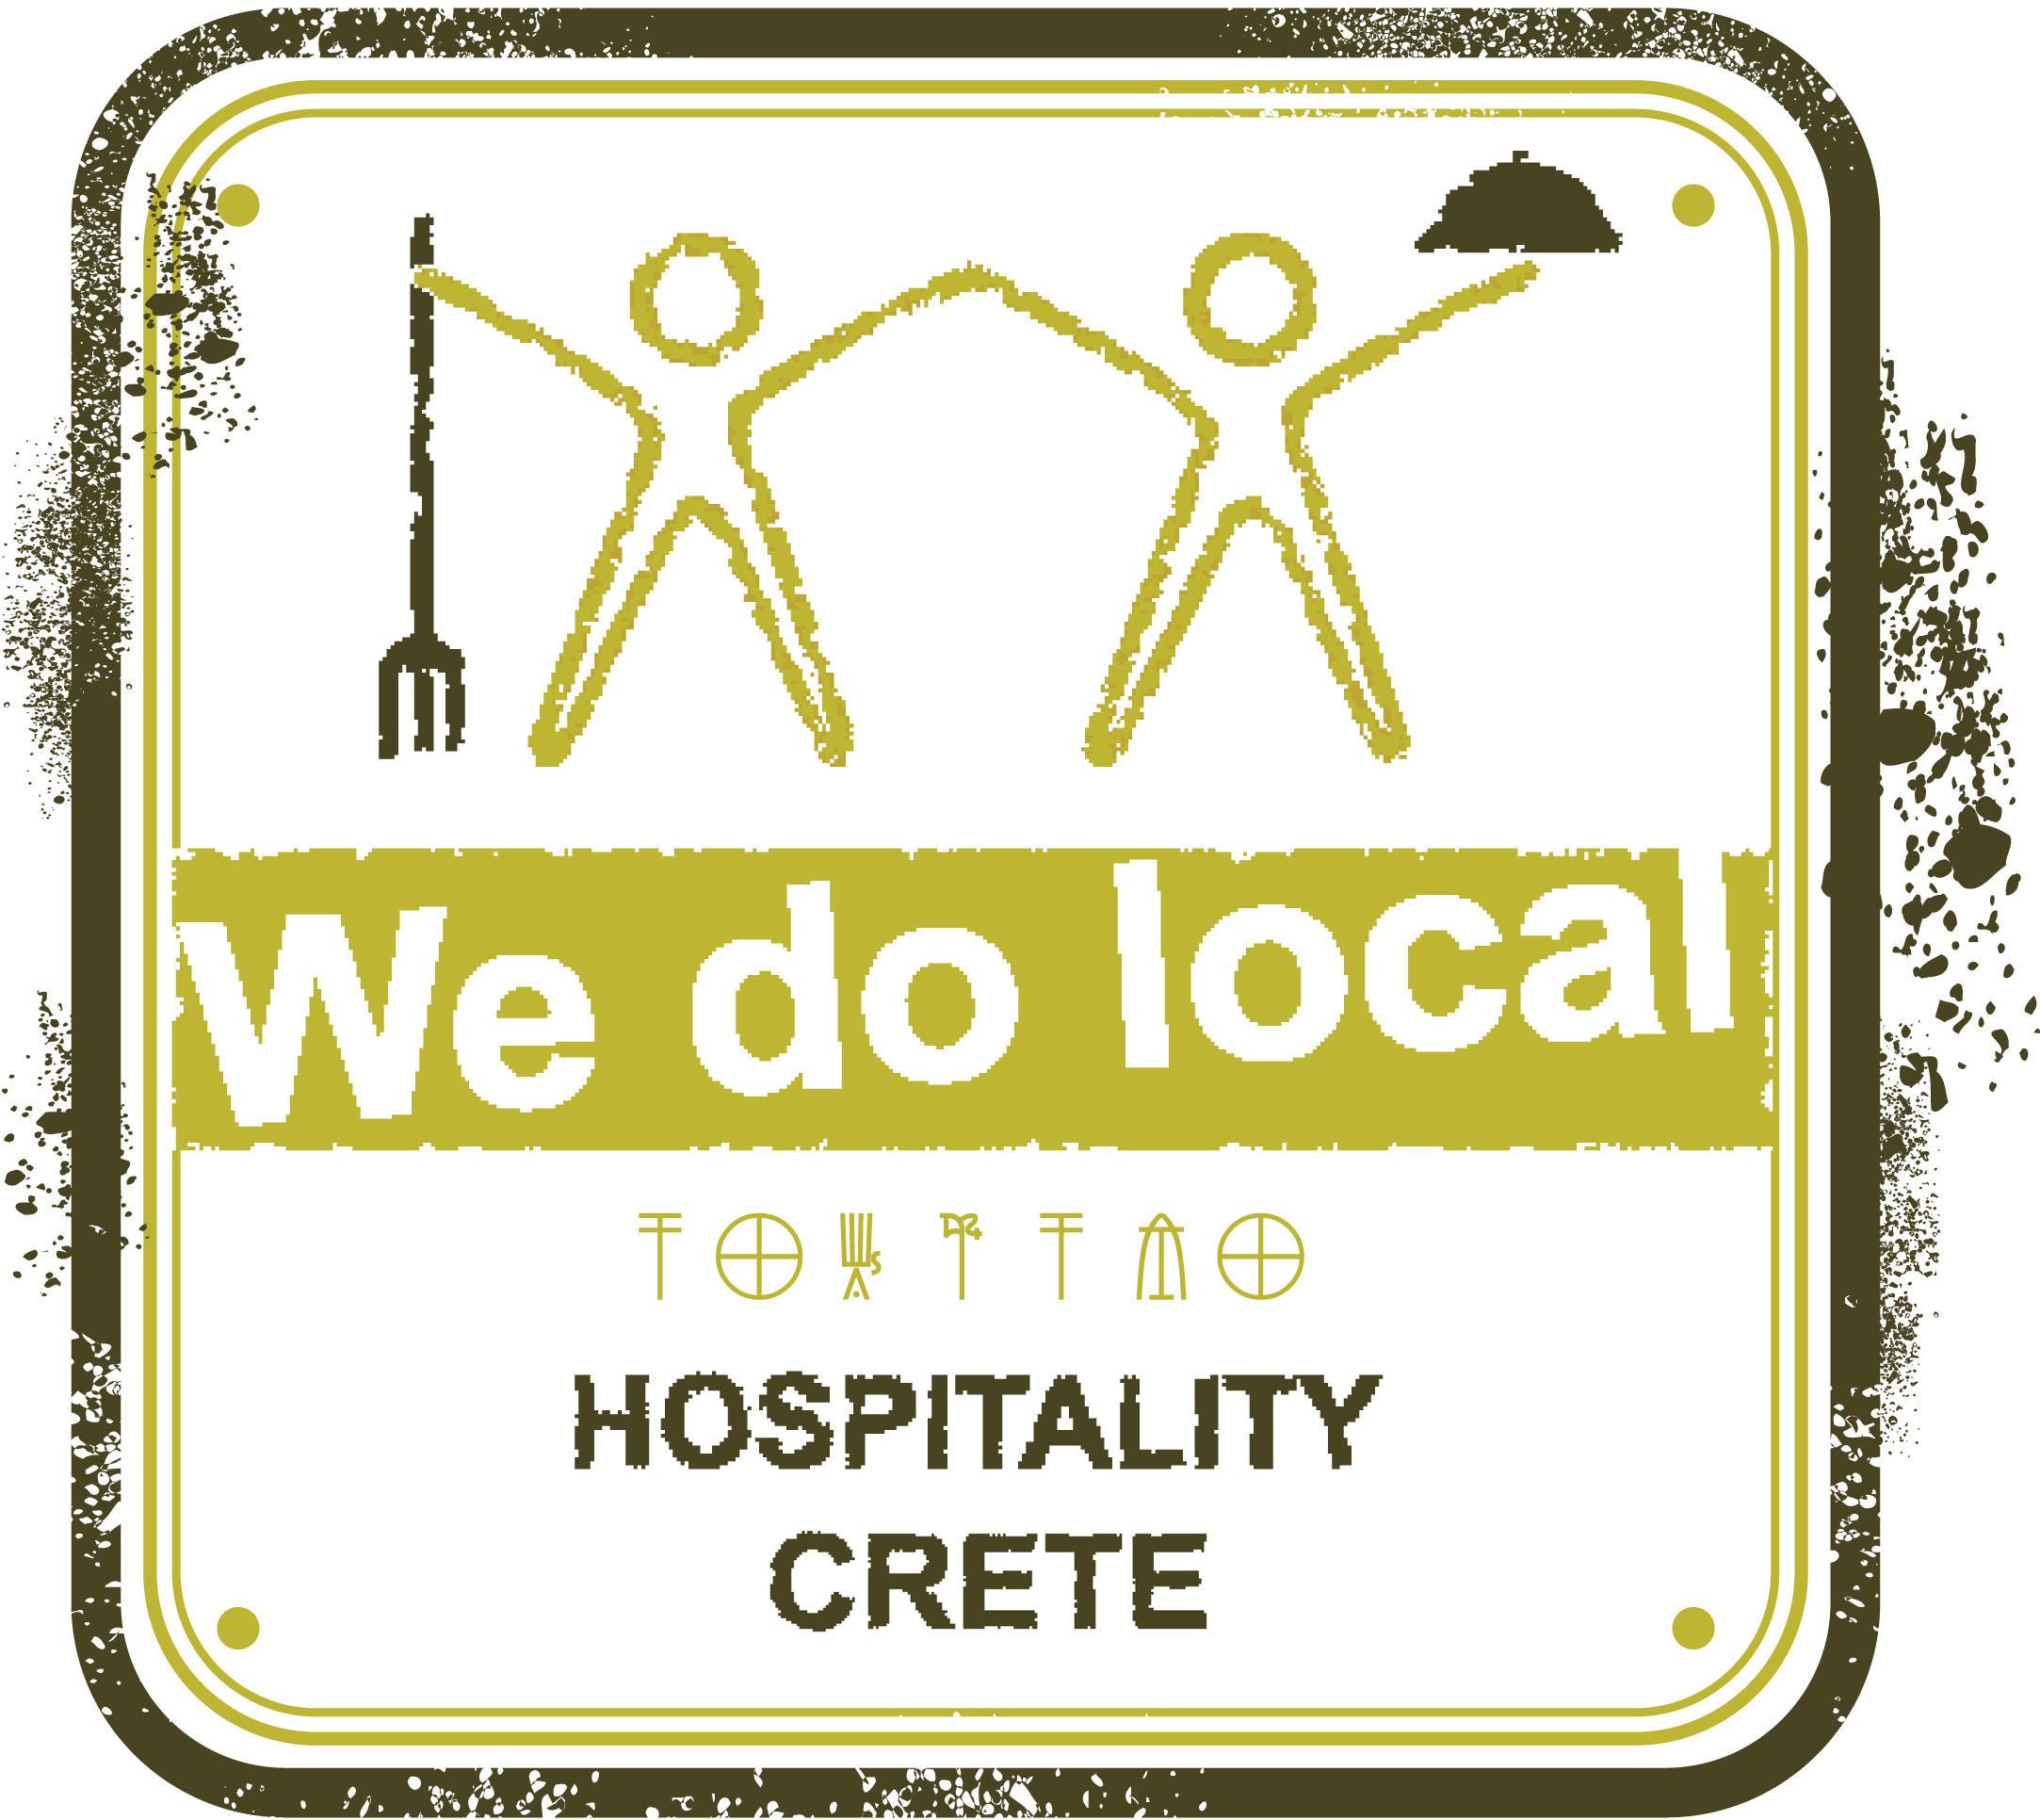 We do local - Hospitality Crete